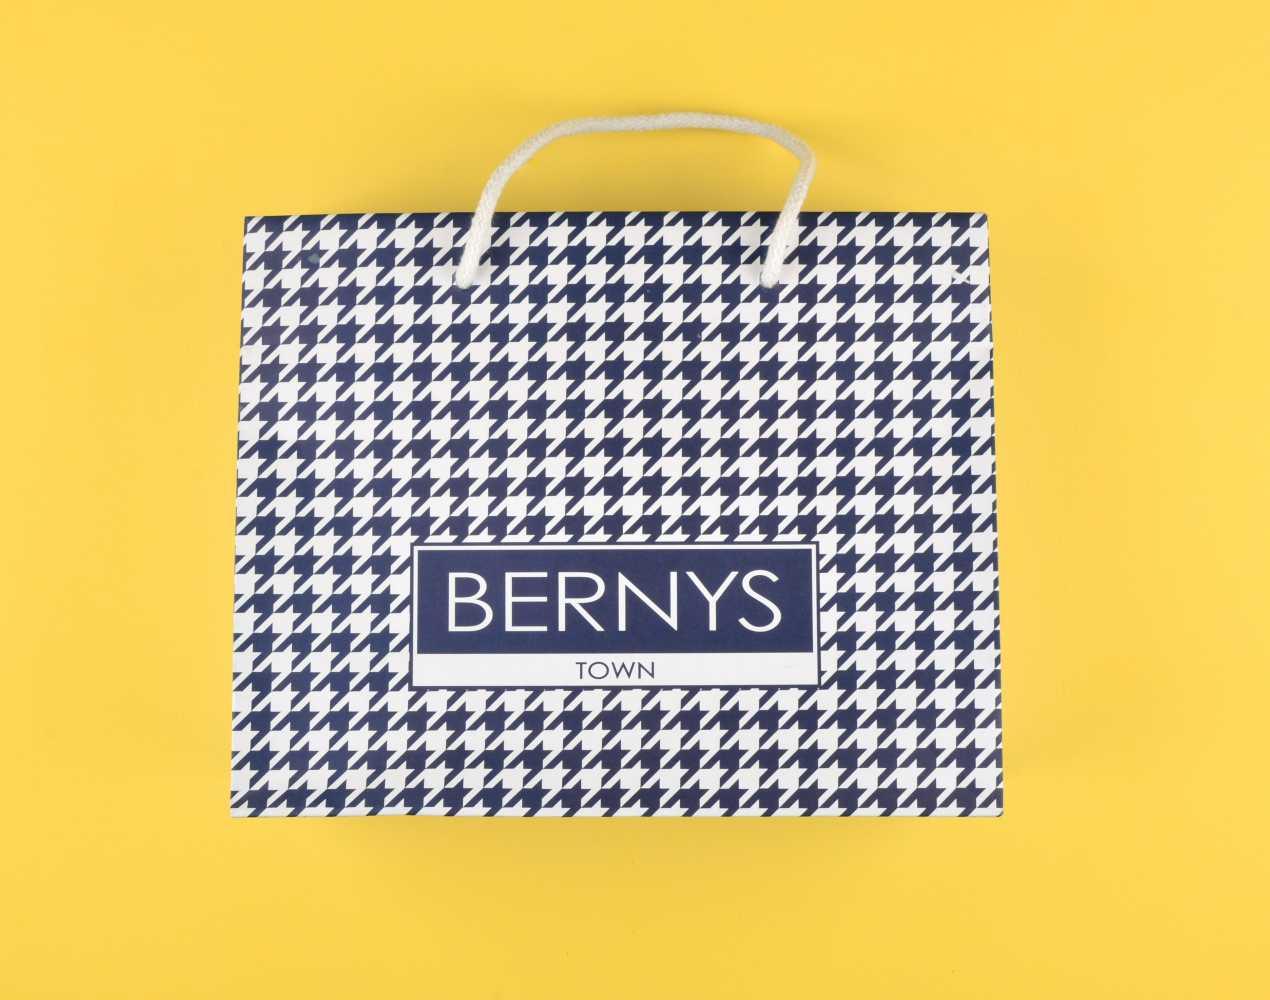 Agenzia Pubblicitaria Tolentino – Shopper Bernys Civitanova Marche